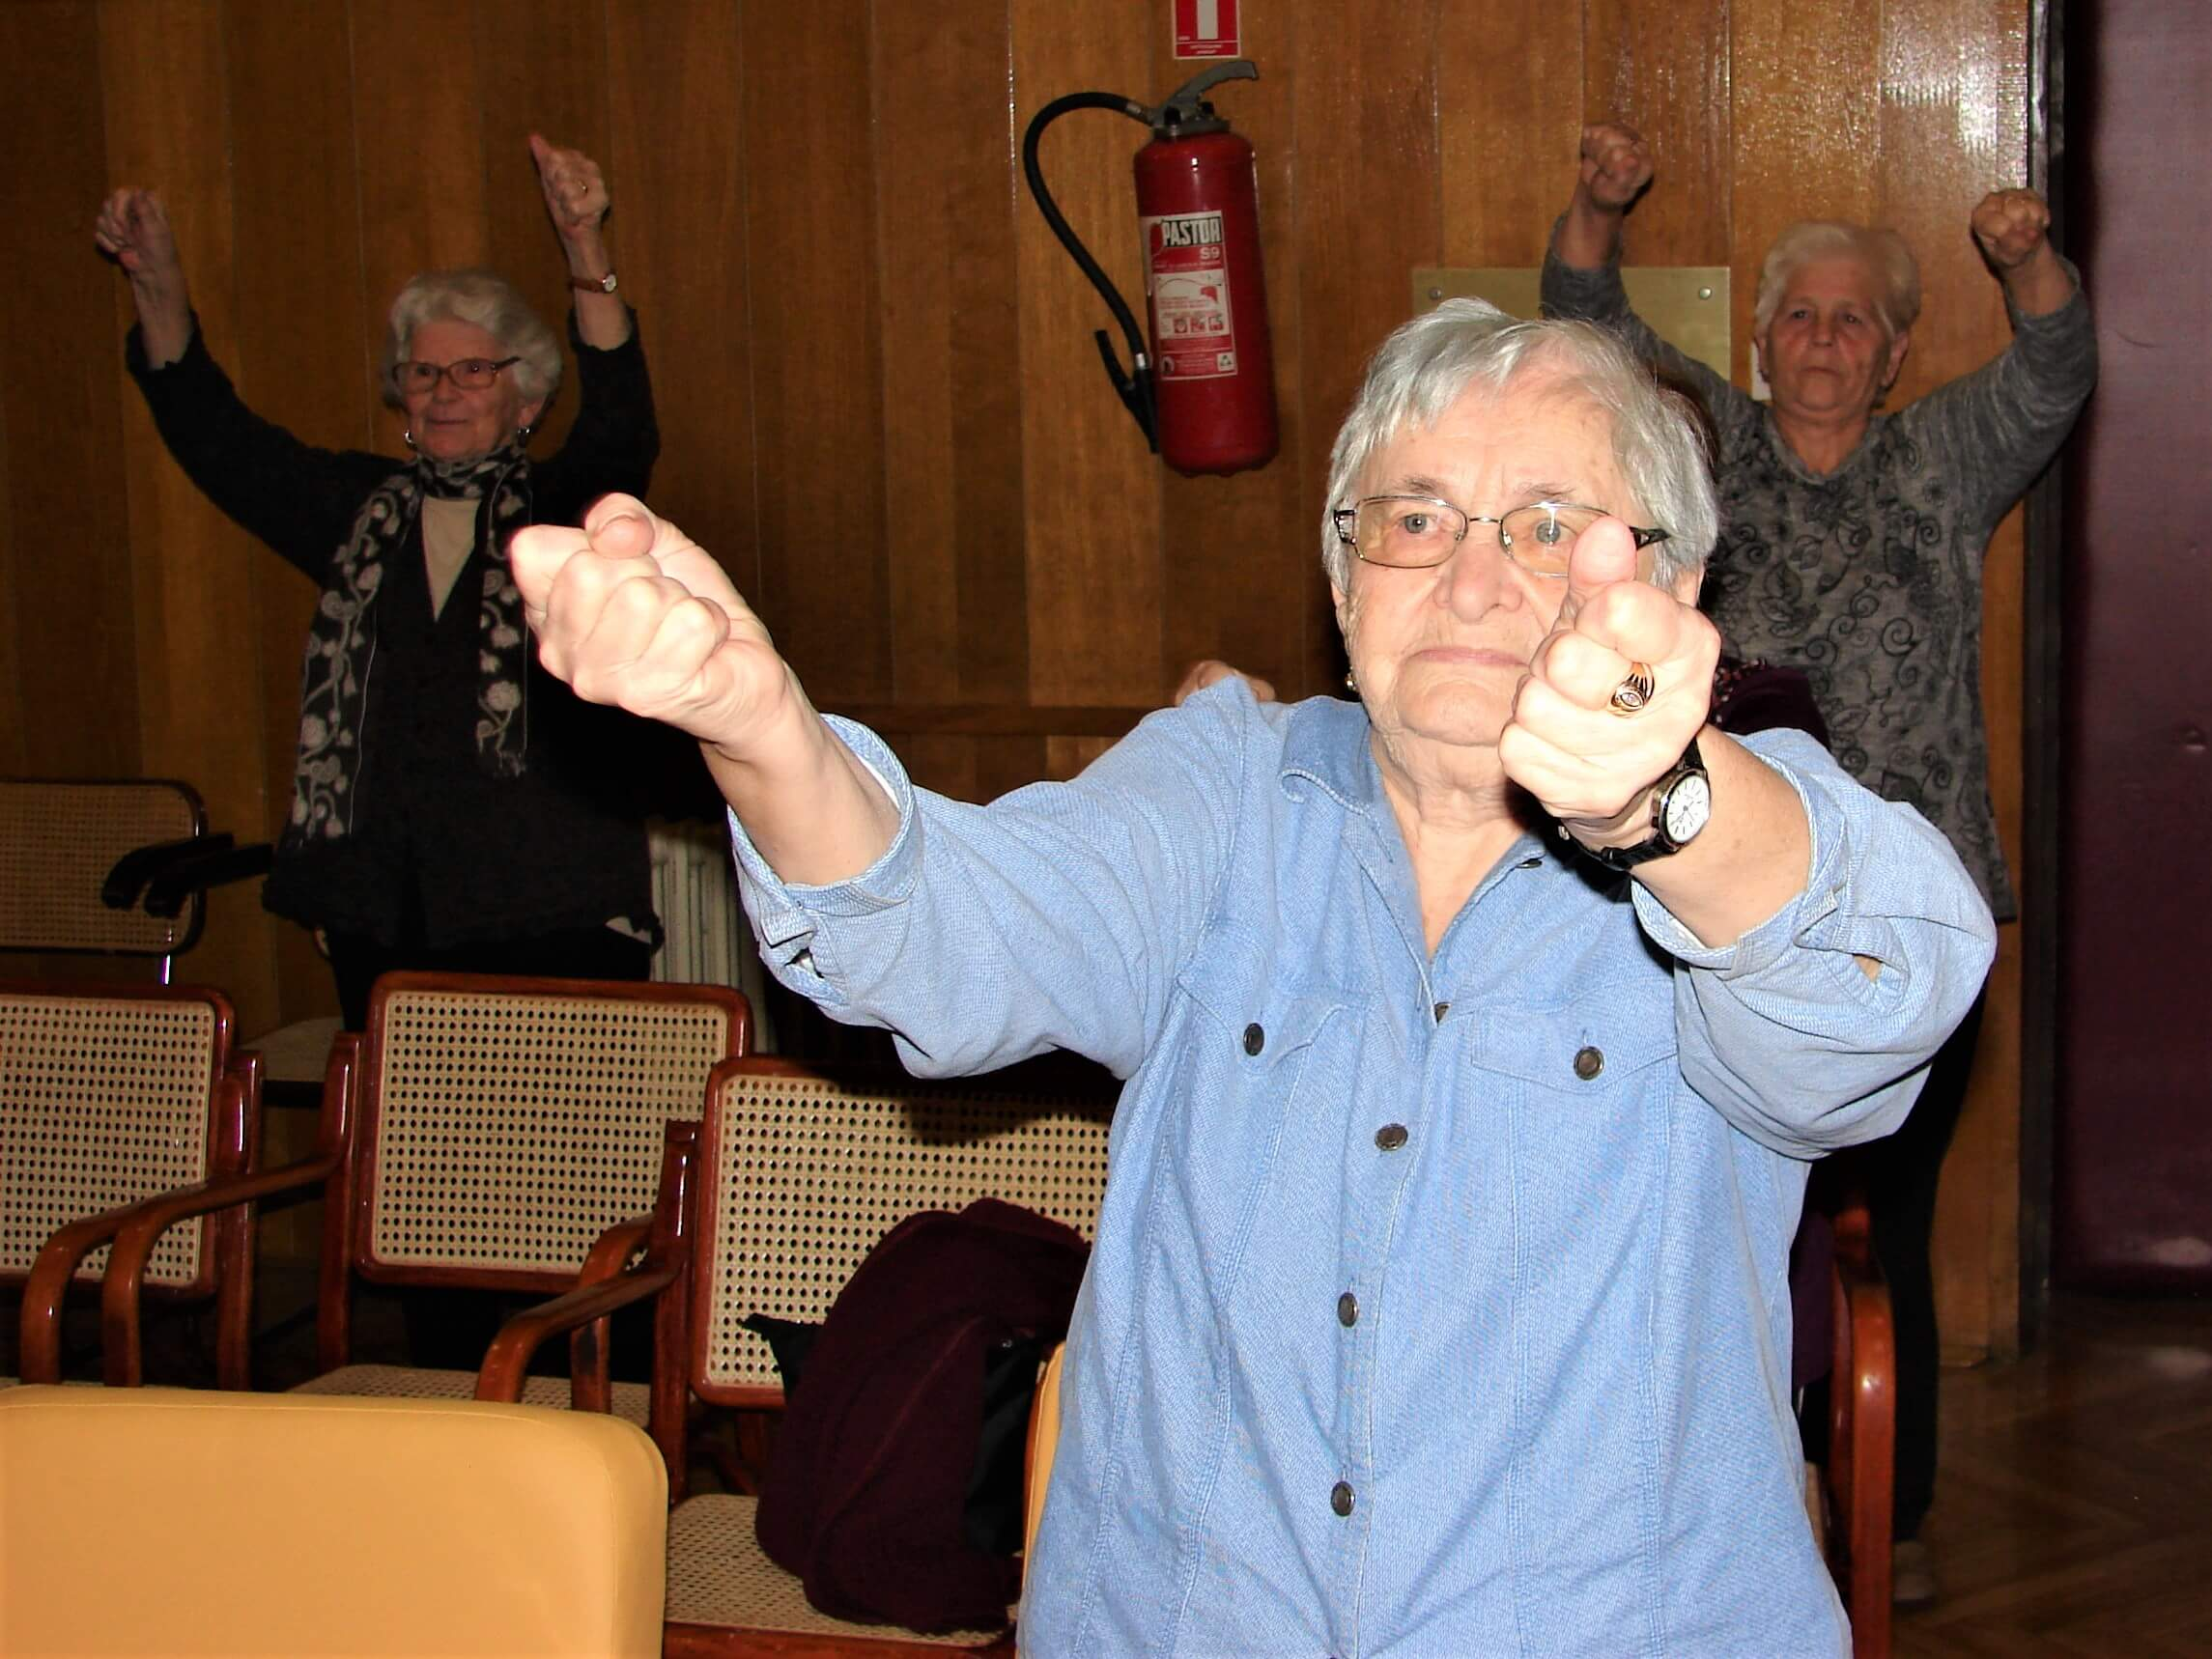 Umirovljenicima osigurali pola godine besplatnog treninga i vježbanja